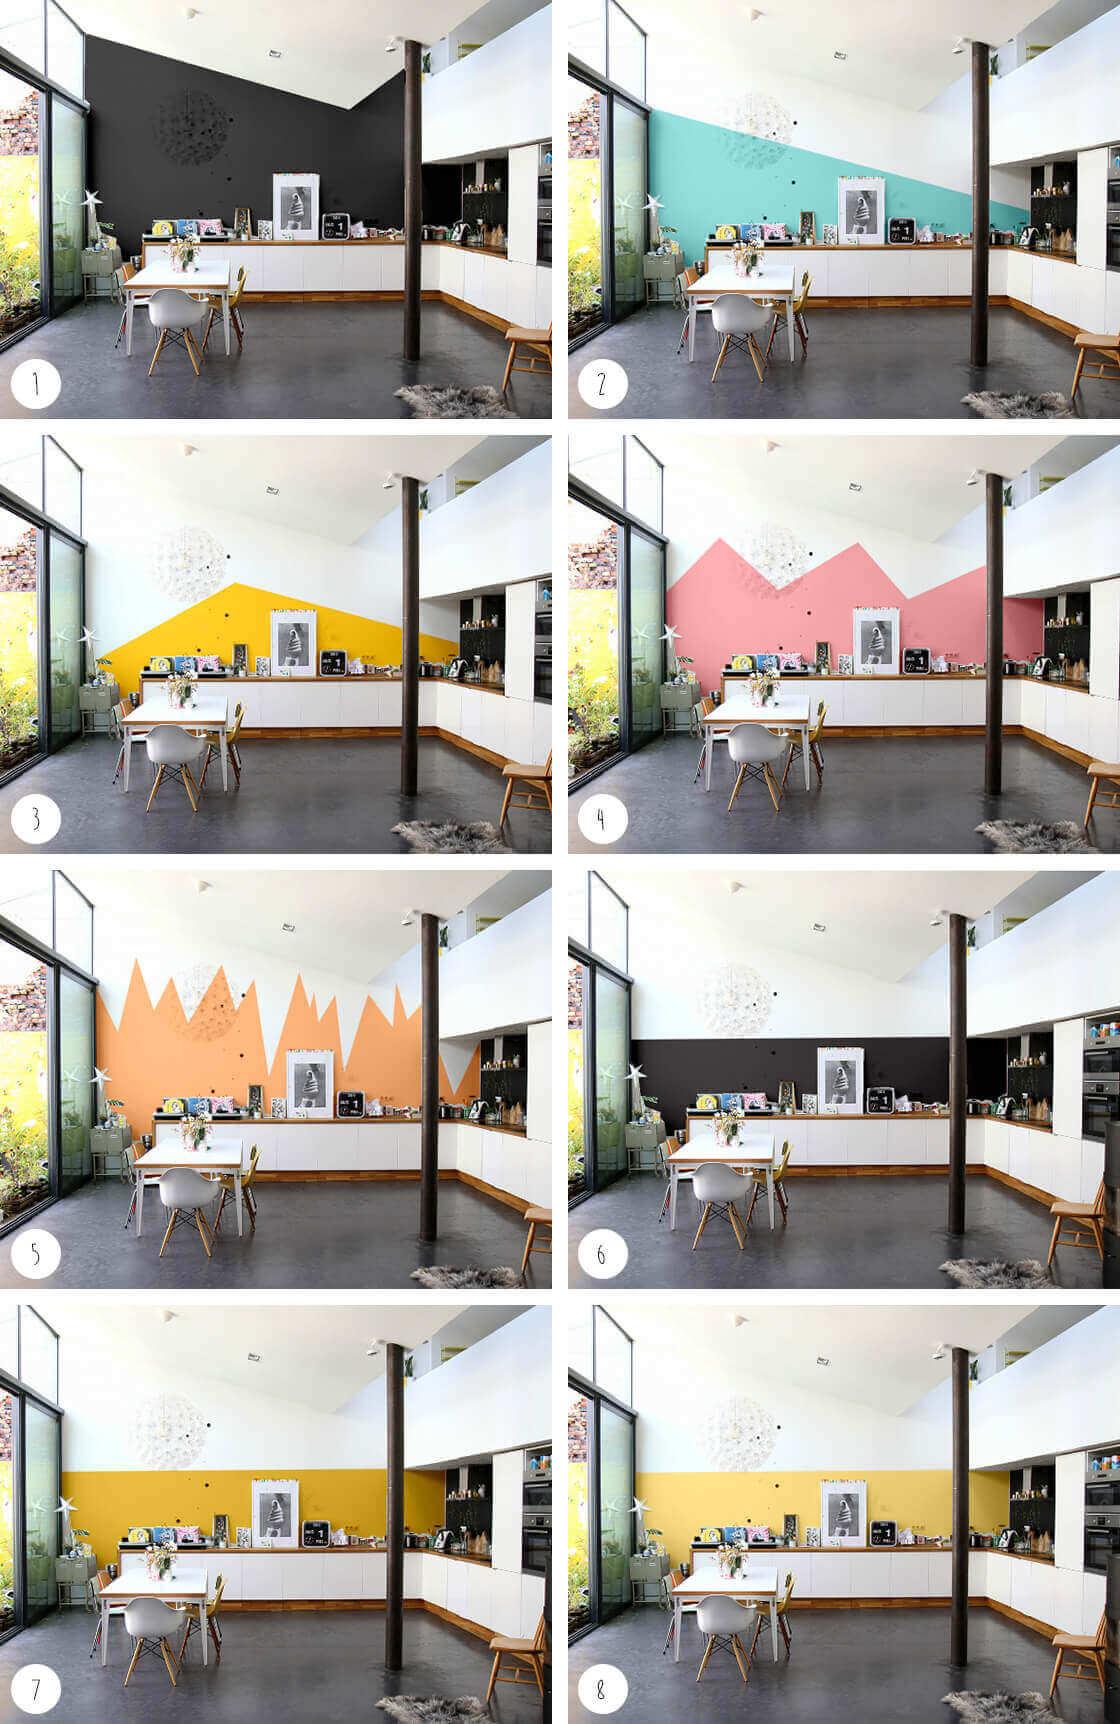 Couleur peinture interieur maison maison moderne for Choix de peinture interieur